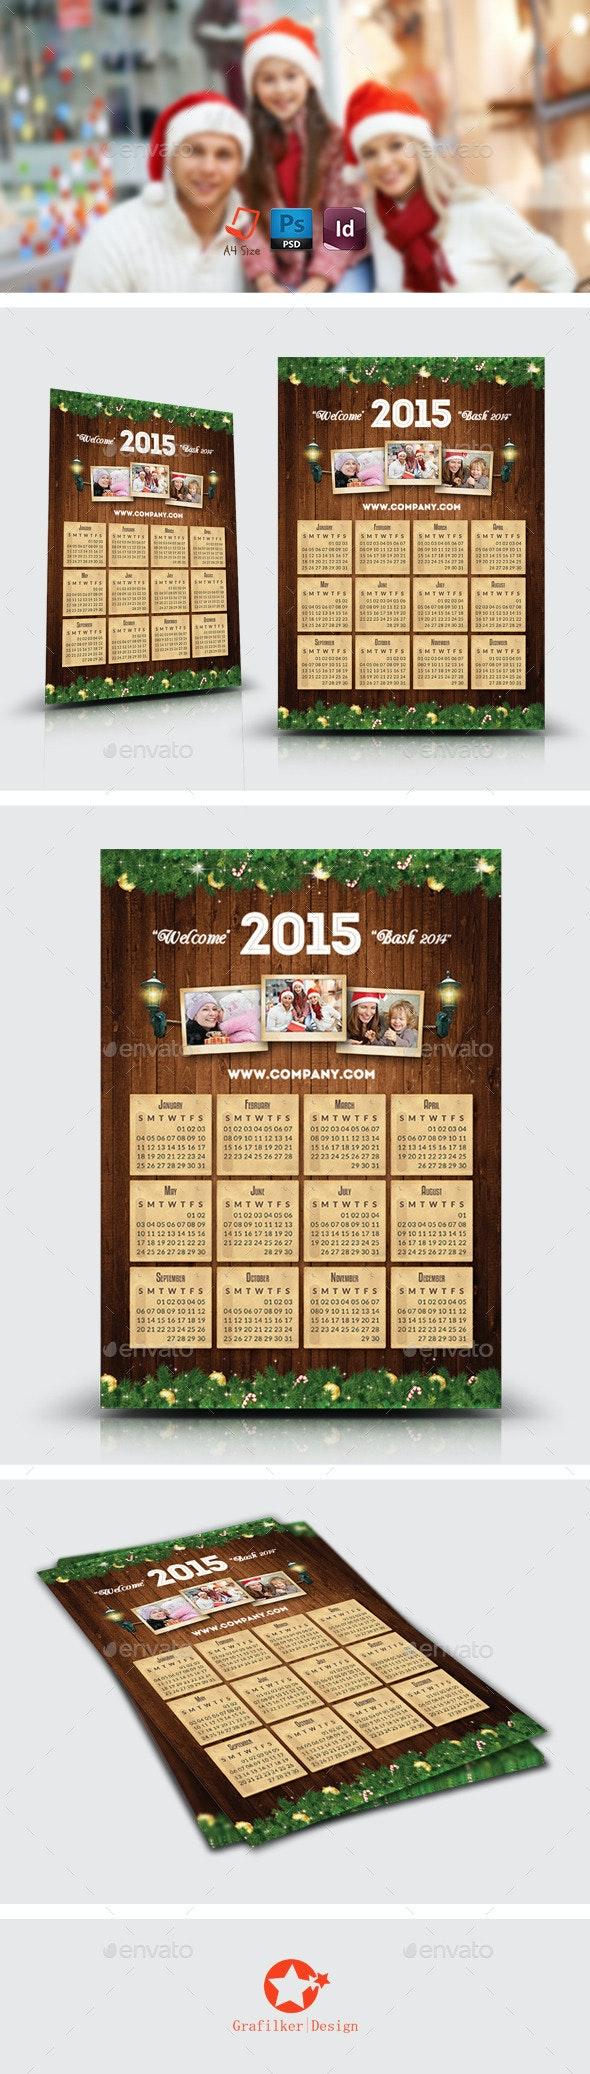 Christmas Calendar Templates - Calendars Stationery